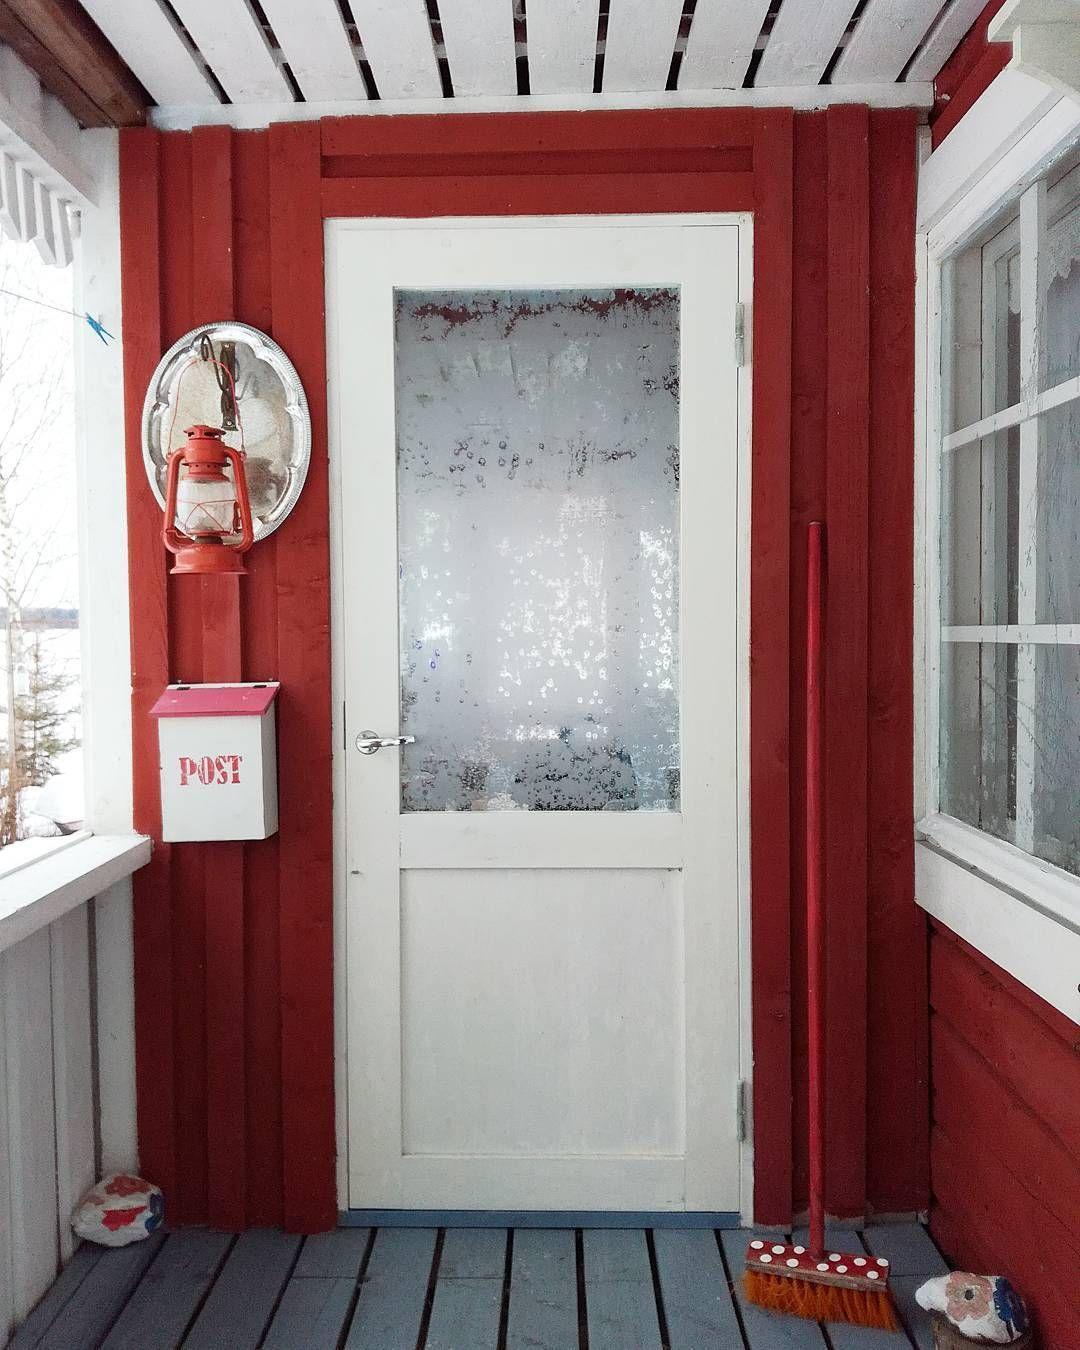 #hyväähuomenta ❤ #goodmorning #sunday #tb #cottage #winter #frost #door #ihavethisthingwithdoors #redhouse #post #lantern #dotty #brush #woodenhouse #redandwhite #mökillä #talvi #kuura #sunnuntai #suomi100arki #liepunmökillä